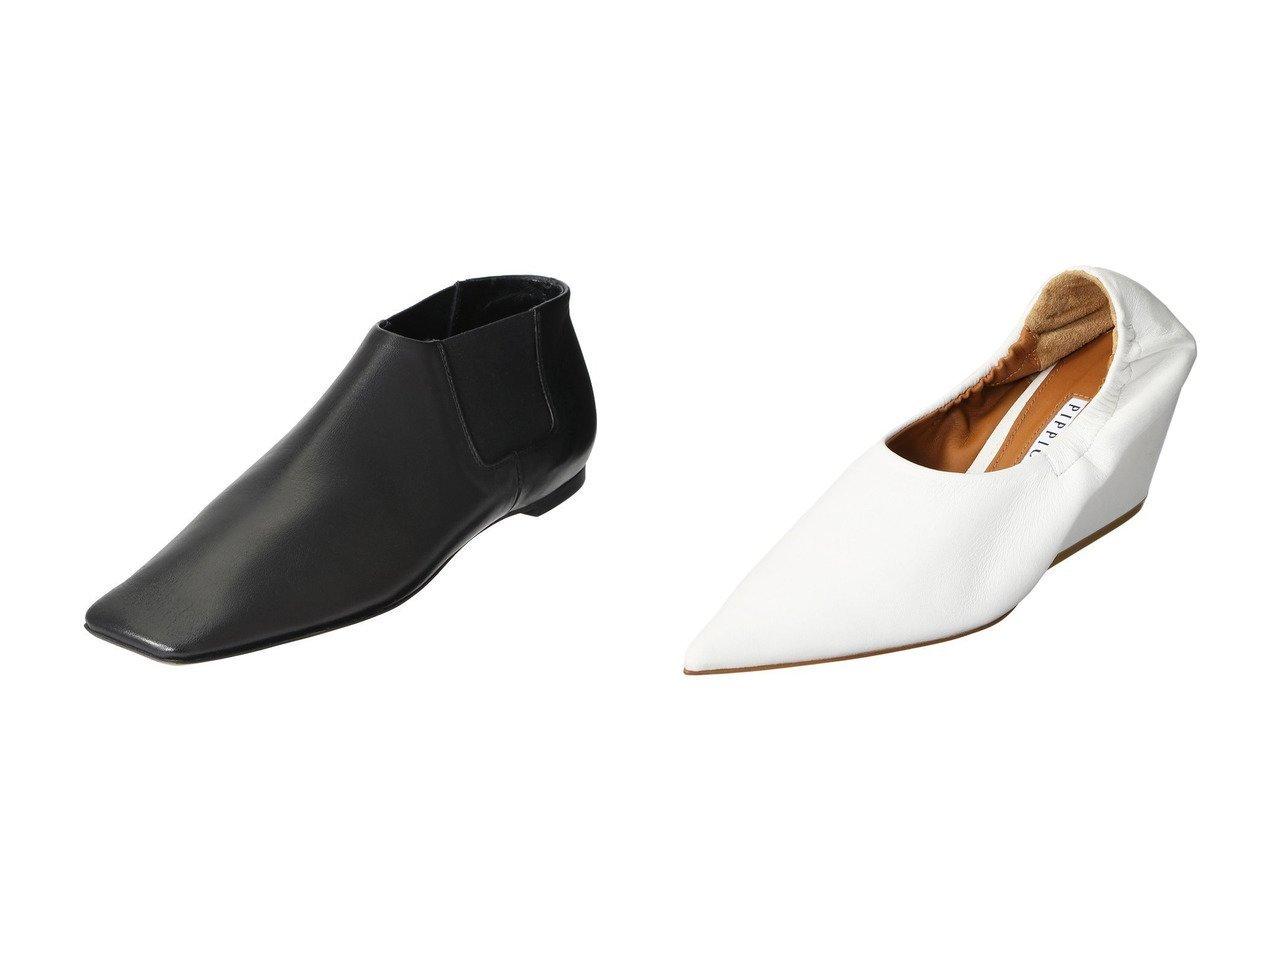 【Pippichic/ピッピシック】のAMBER サイドゴアブーティー&PINA ウェスタンヒールパンプス 【シューズ・靴】おすすめ!人気、トレンド・レディースファッションの通販 おすすめで人気の流行・トレンド、ファッションの通販商品 インテリア・家具・メンズファッション・キッズファッション・レディースファッション・服の通販 founy(ファニー) https://founy.com/ ファッション Fashion レディースファッション WOMEN 2021年 2021 2021-2022秋冬・A/W AW・Autumn/Winter・FW・Fall-Winter・2021-2022 A/W・秋冬 AW・Autumn/Winter・FW・Fall-Winter エレガント フォルム |ID:crp329100000053506